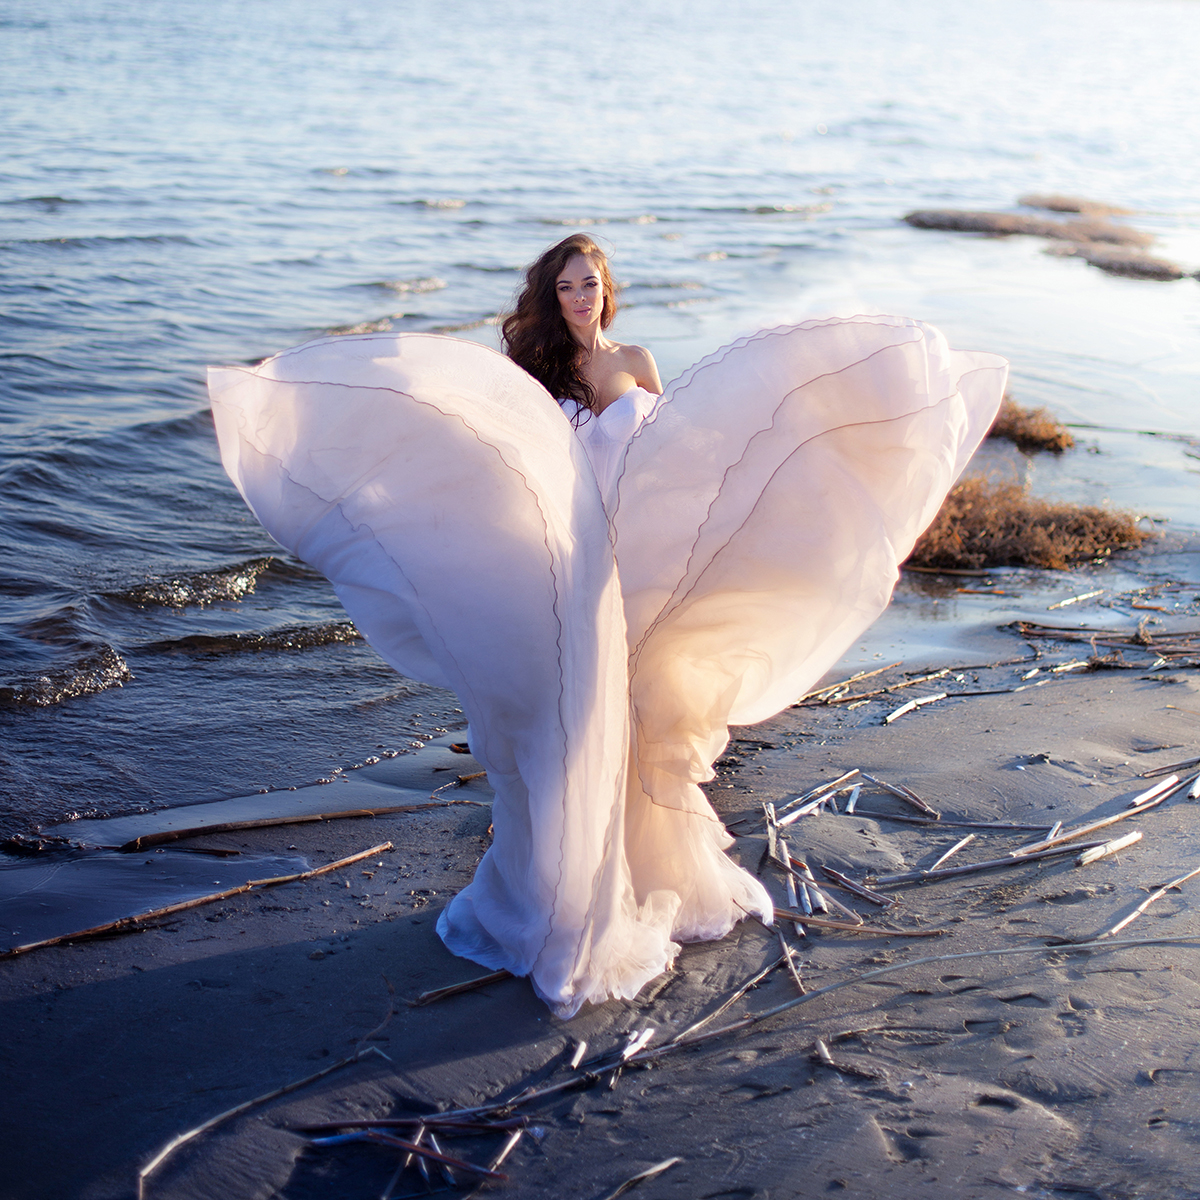 Фото Девушка в белом платье стоит на воде, работа Лебедь, фотограф Екатерина Ромакина